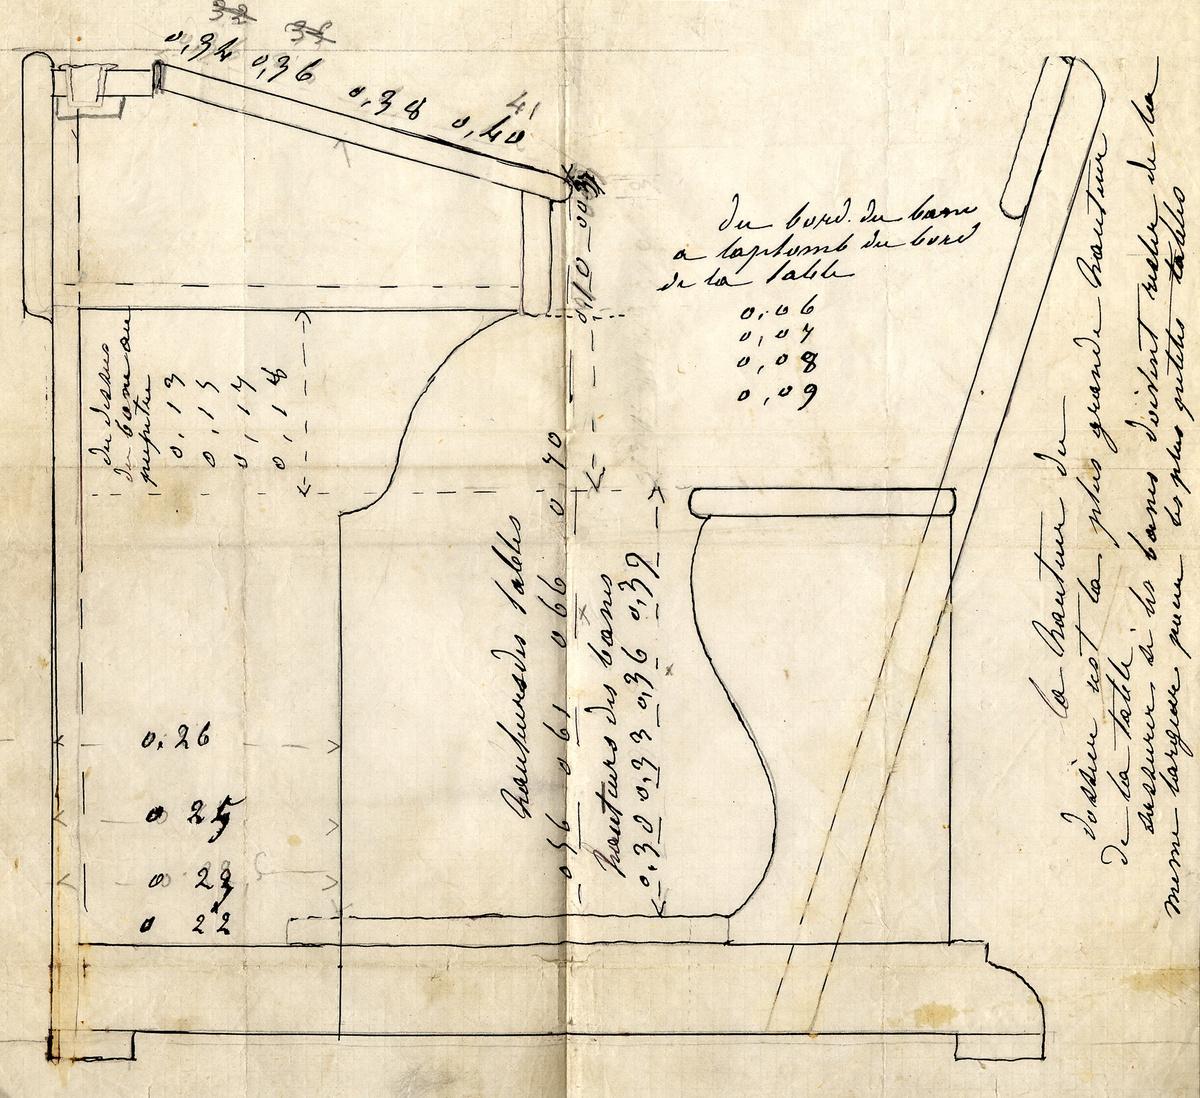 Le dessin, coté et annoté, représente une coupe de la table-banc des écoles du F